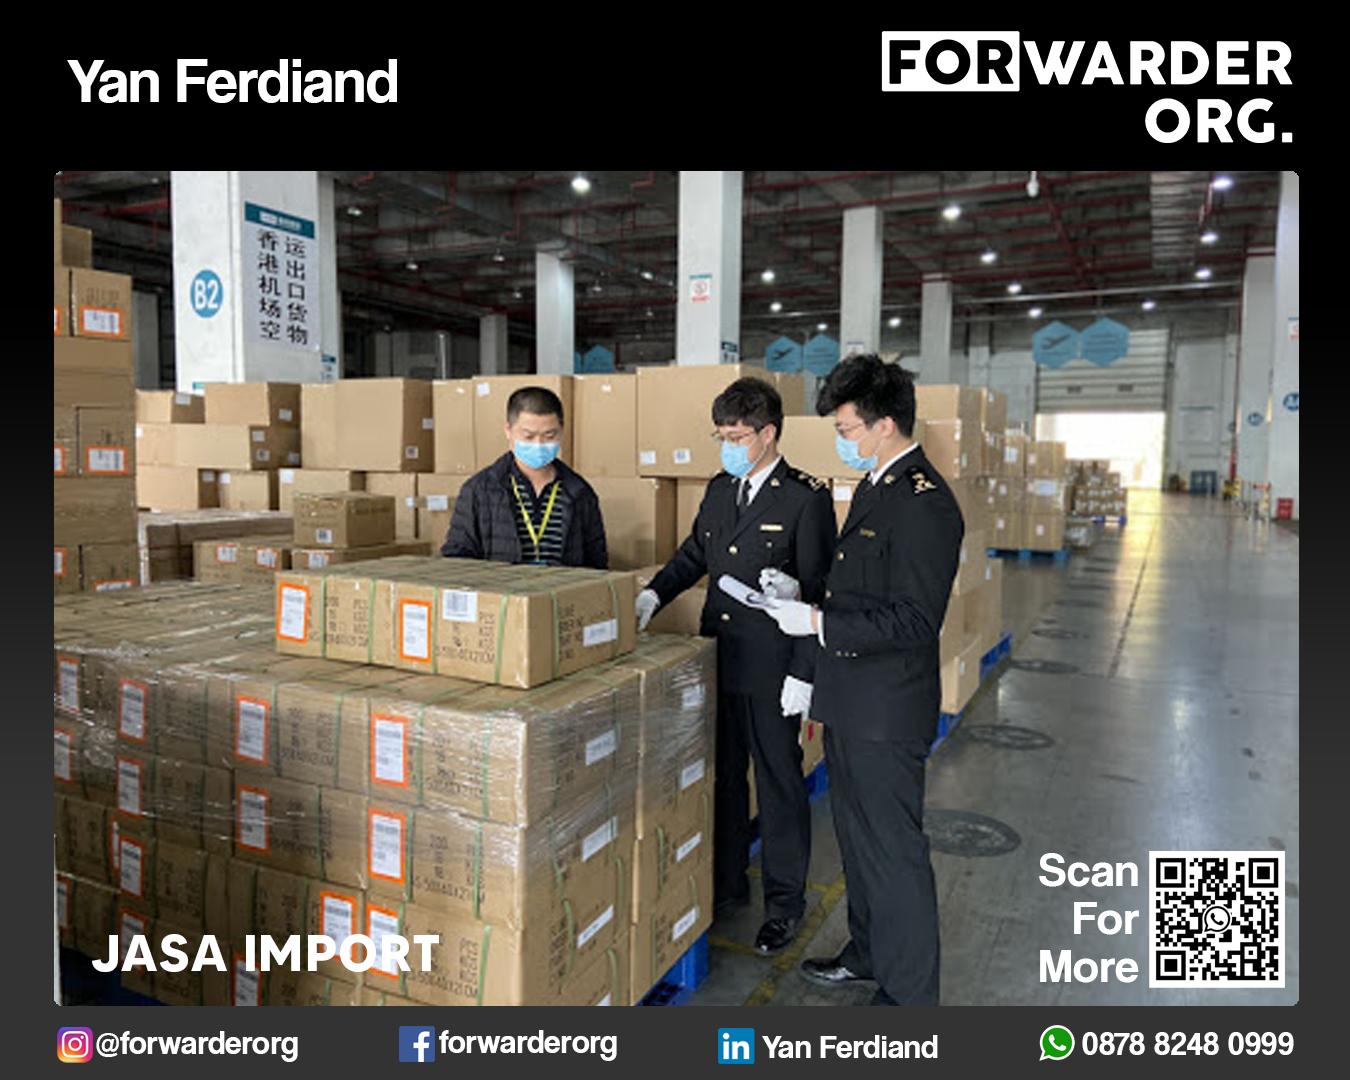 Jasa Import Mesin Produksi dari Asia dan Eropa | FORWARDER ORG